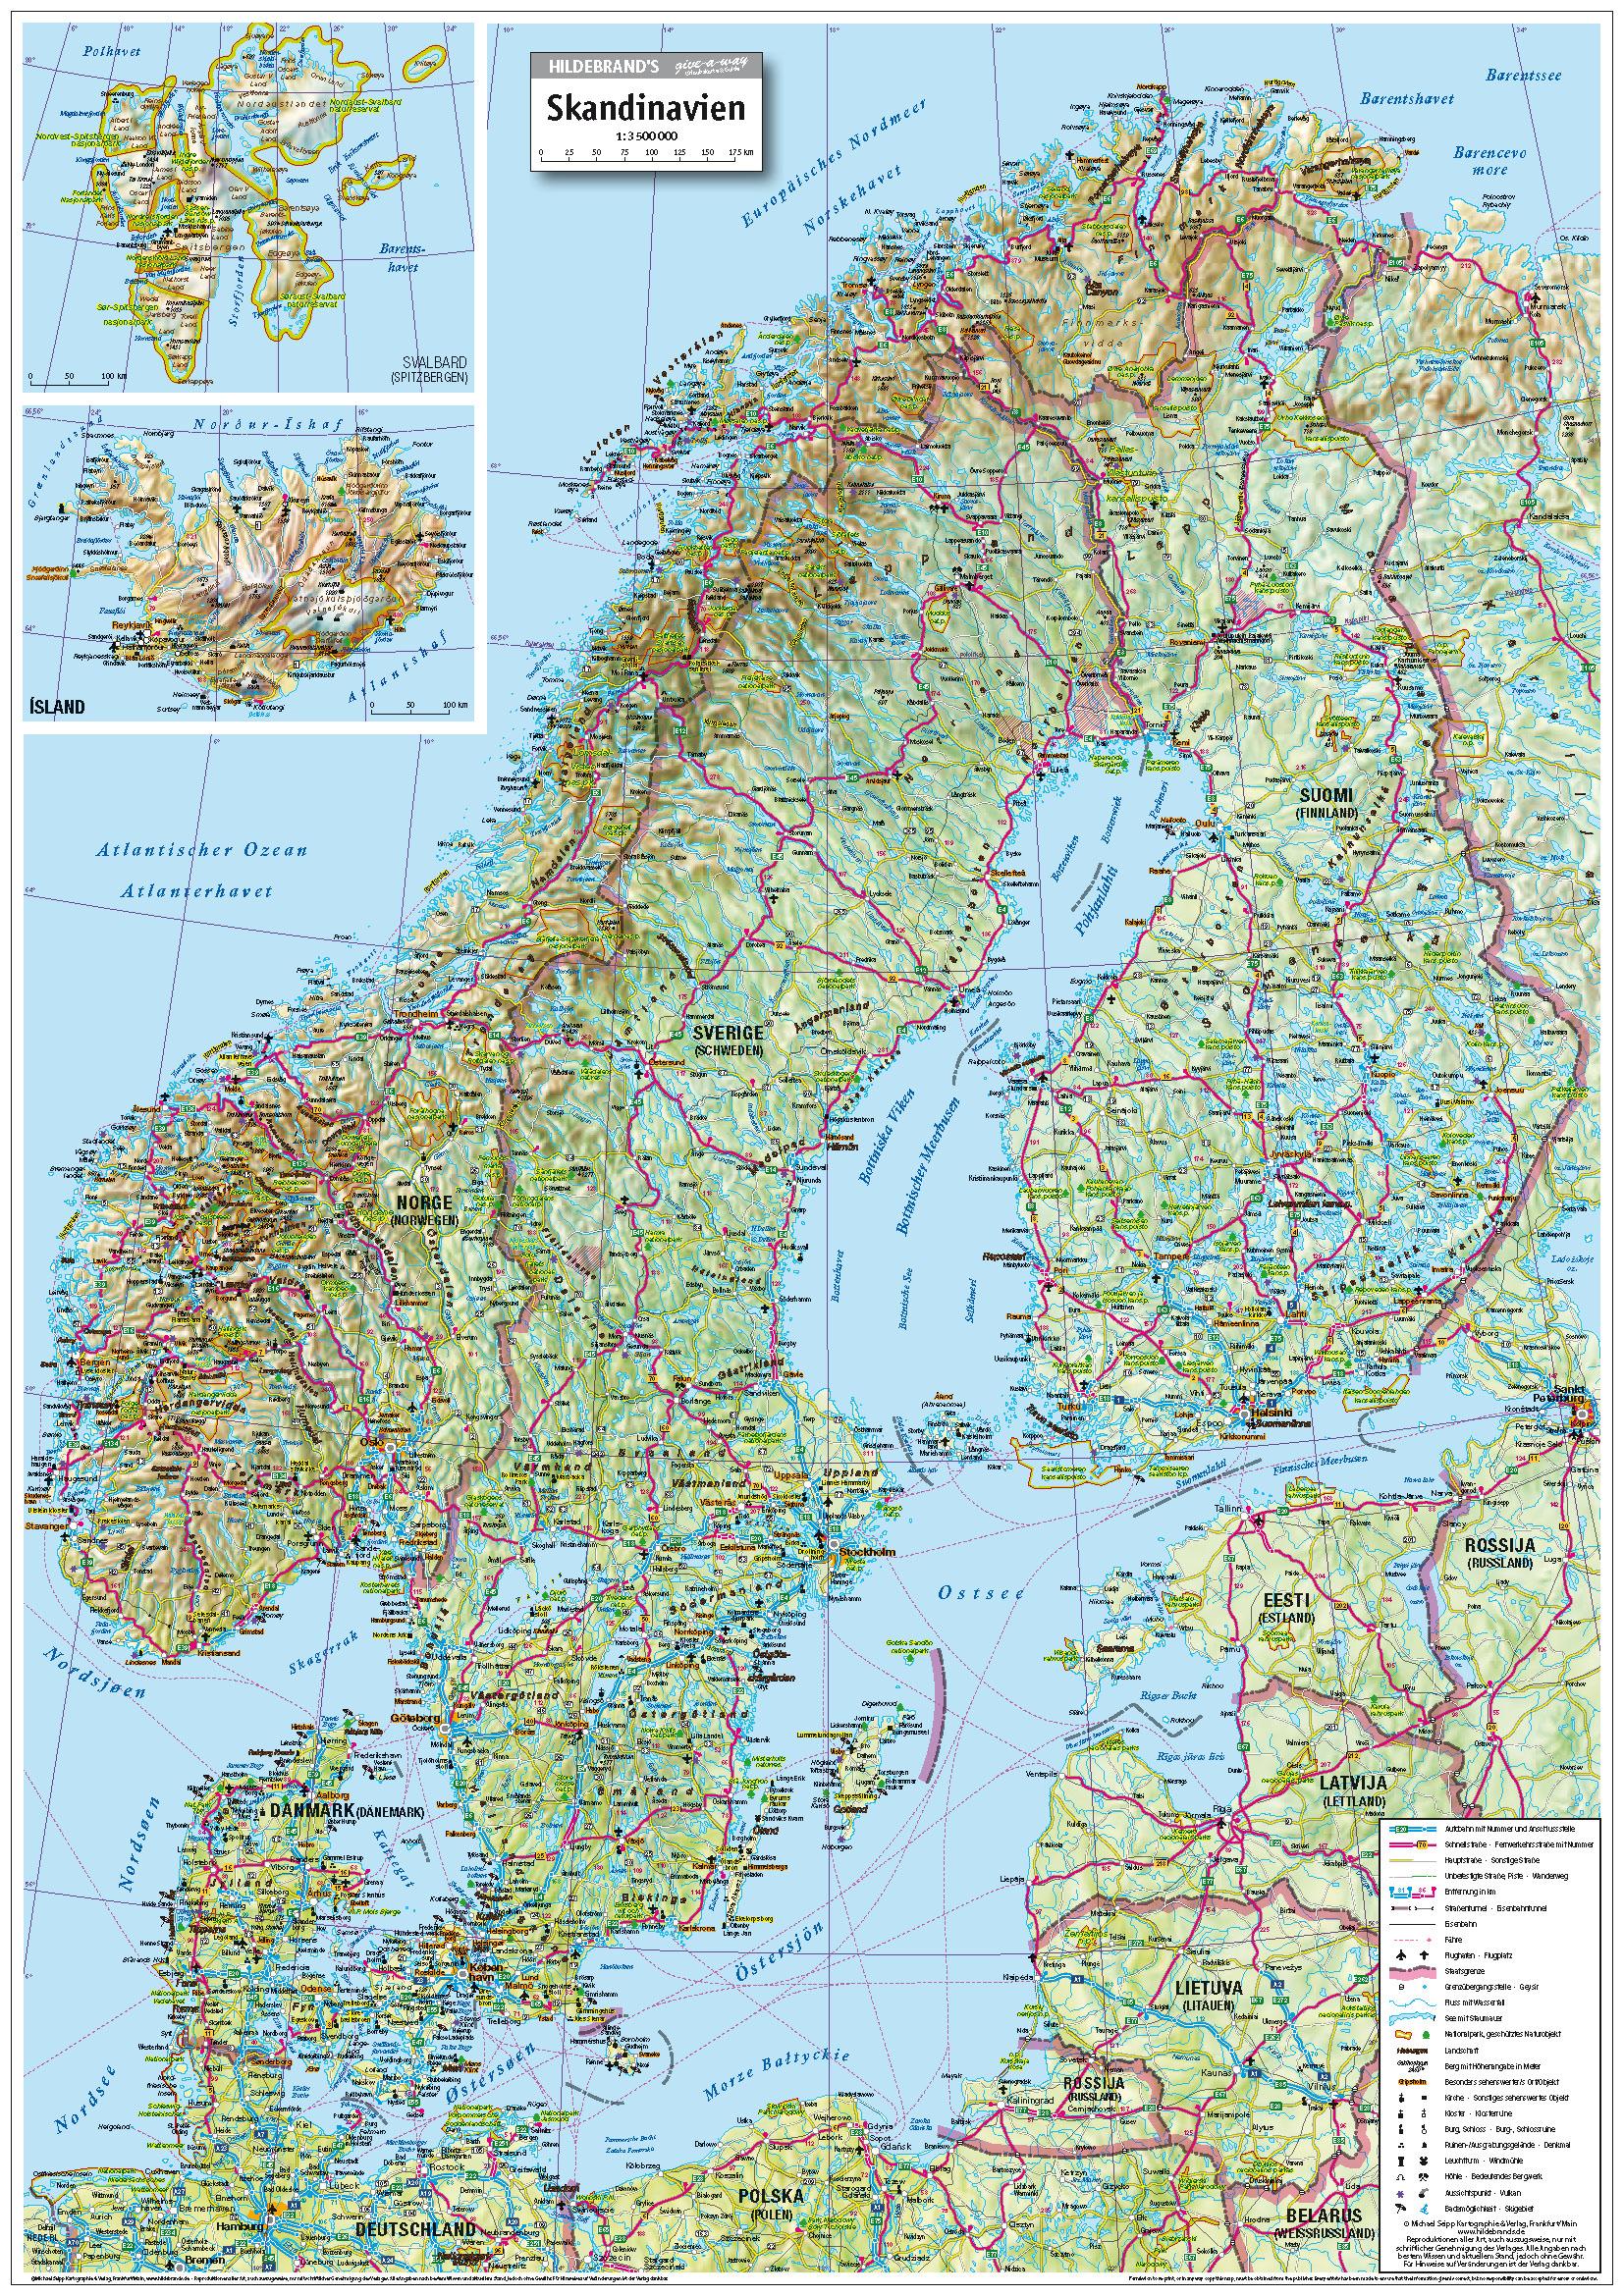 Karte Skandinavien.Michael Seipp Verlag Skandinavien